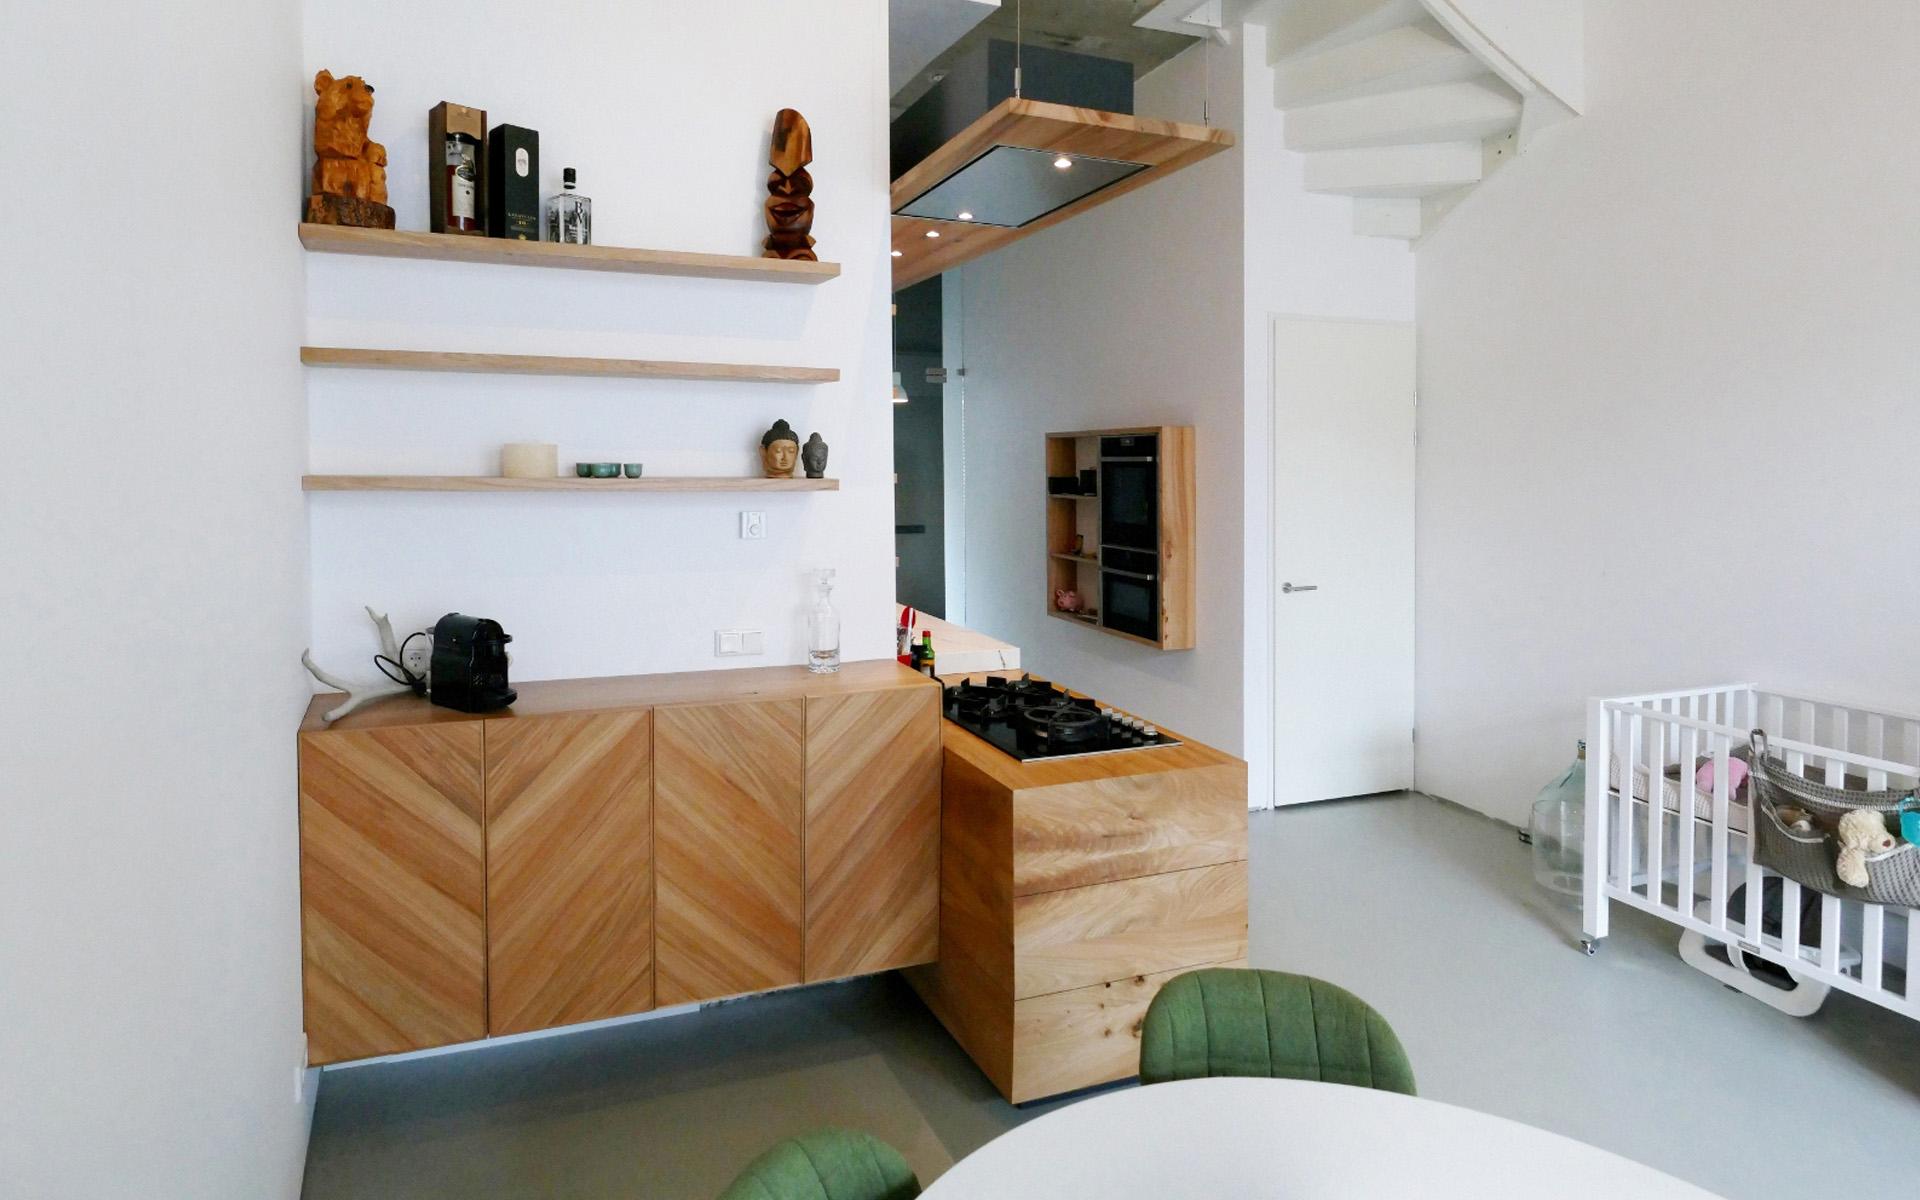 Keuken Met Trap : Interieur van de keuken open voor de trap u stockfoto